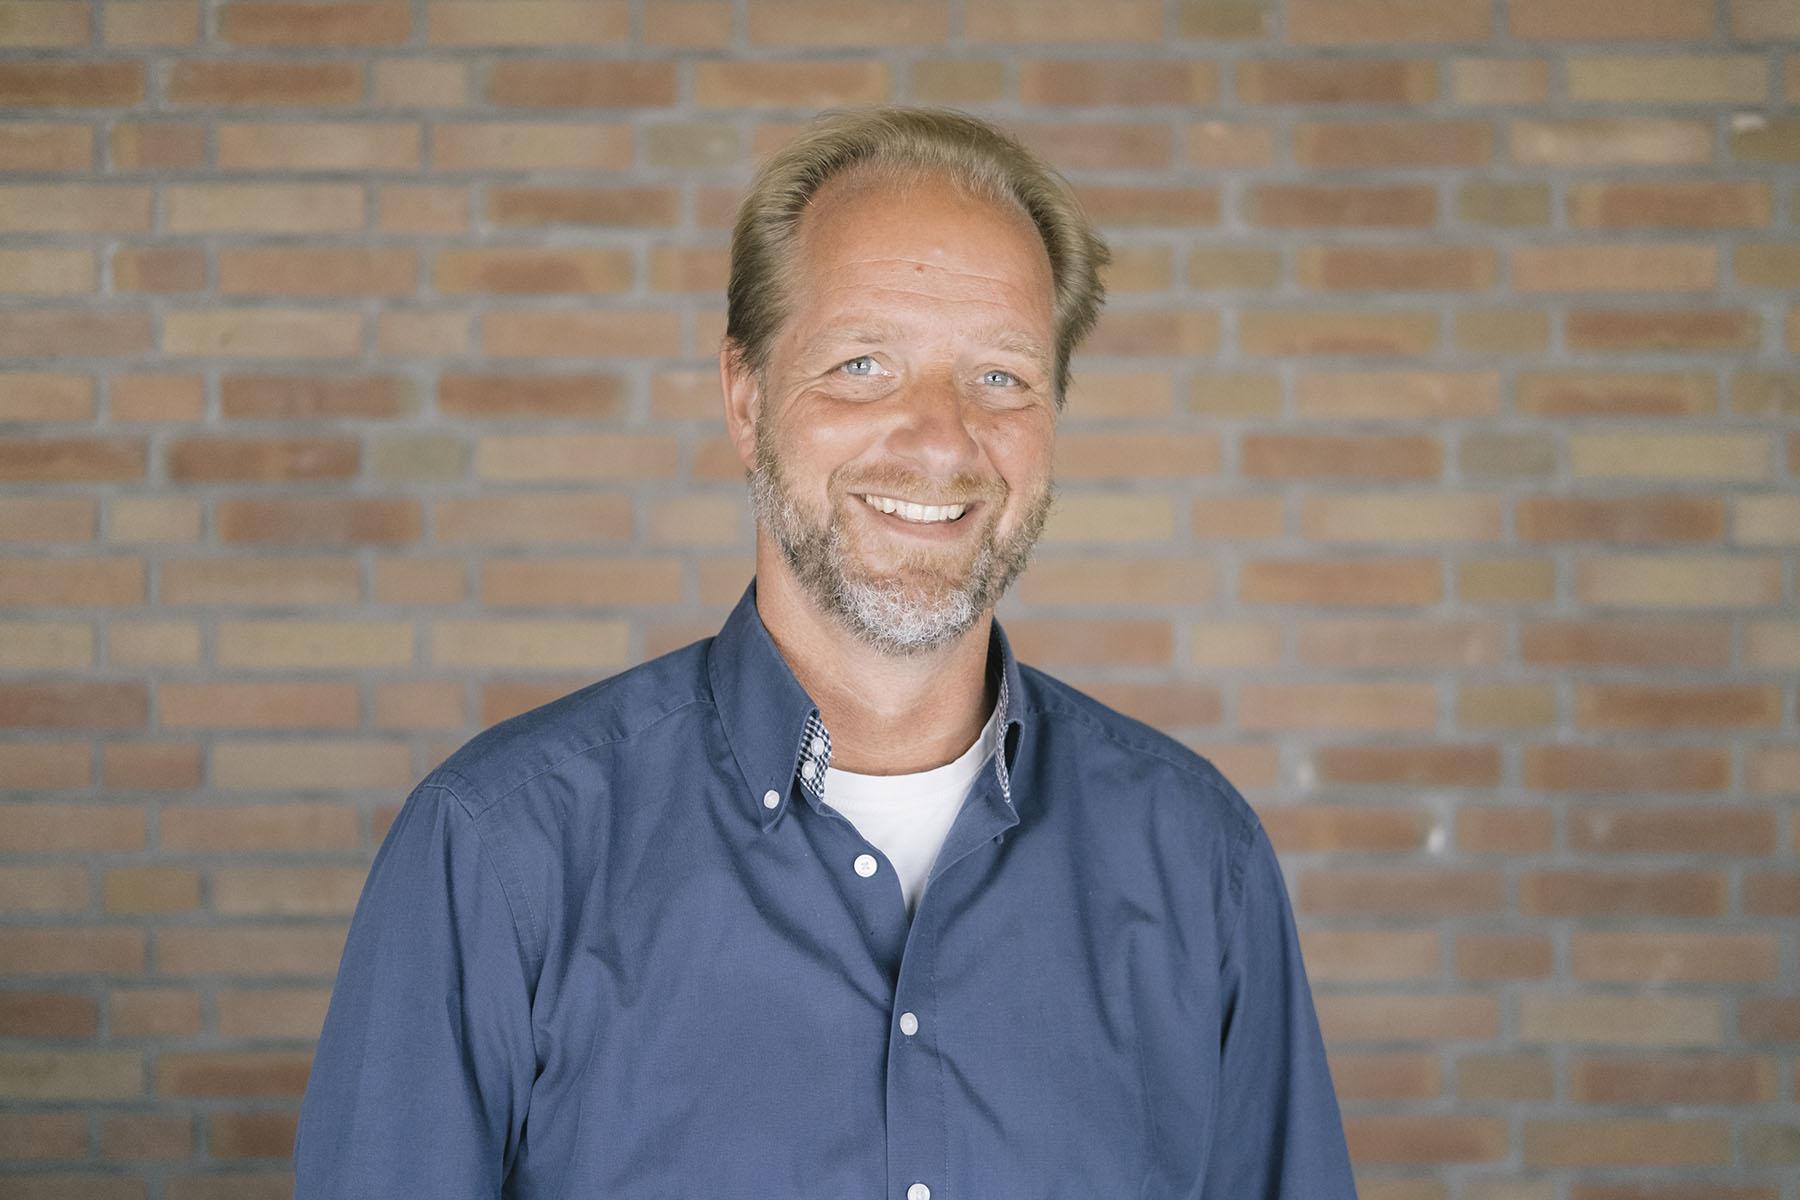 Marco Scheele